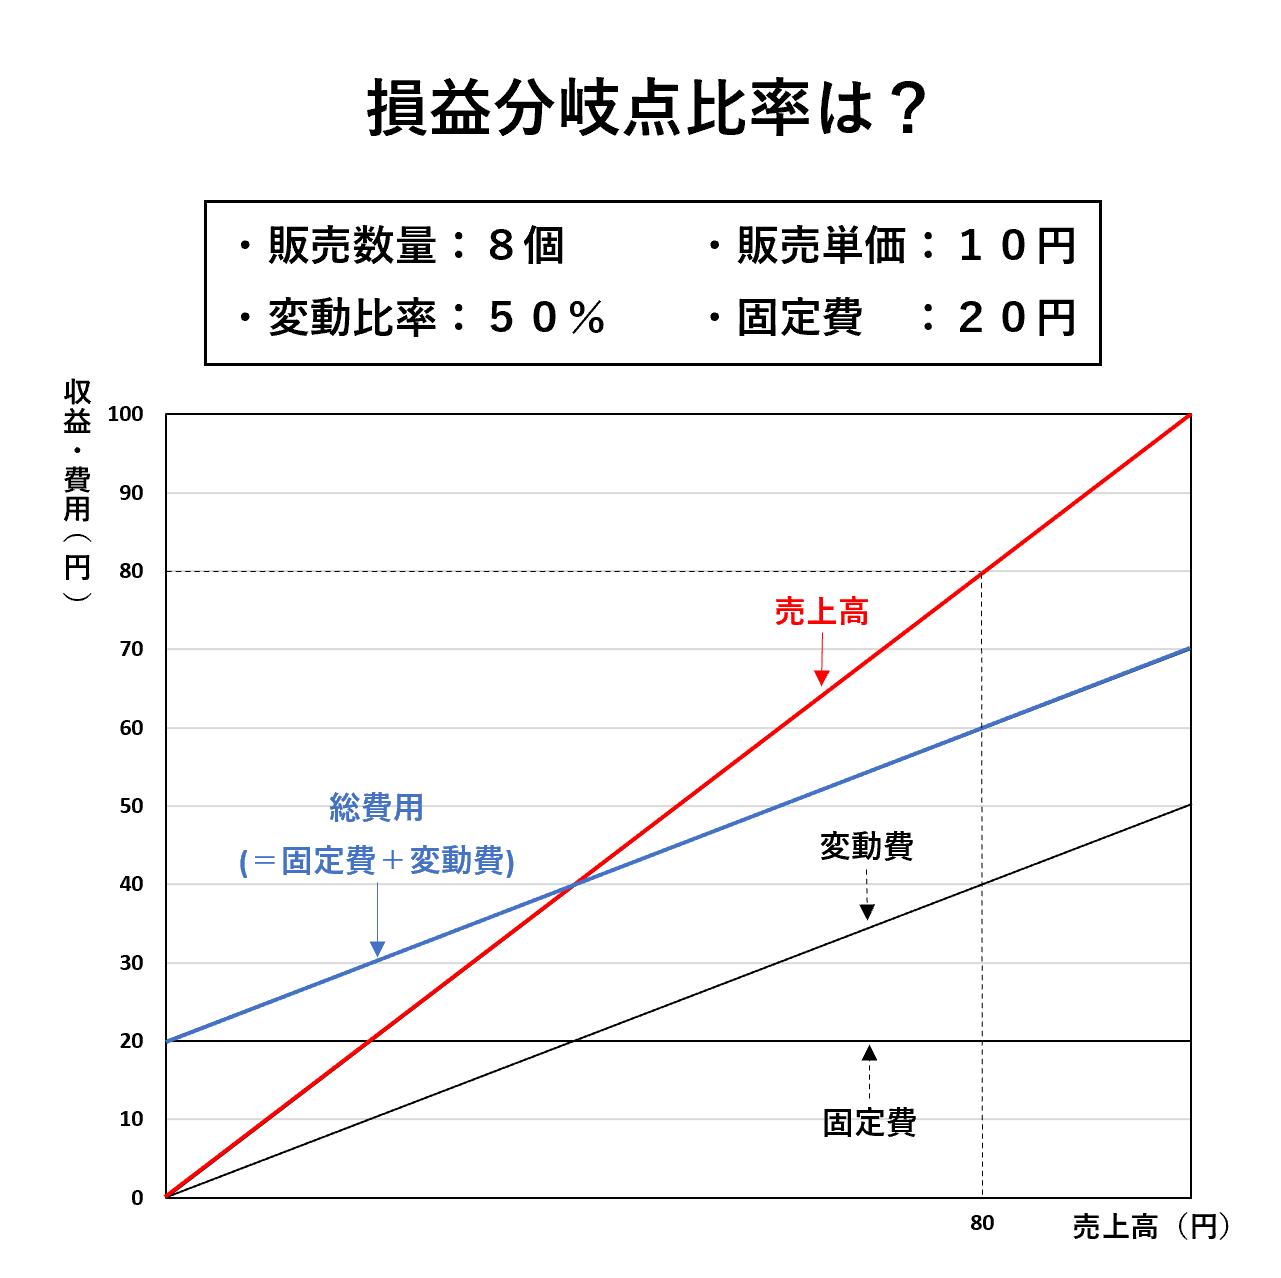 損益分岐点分析(2級):損益分岐点比率ー問題